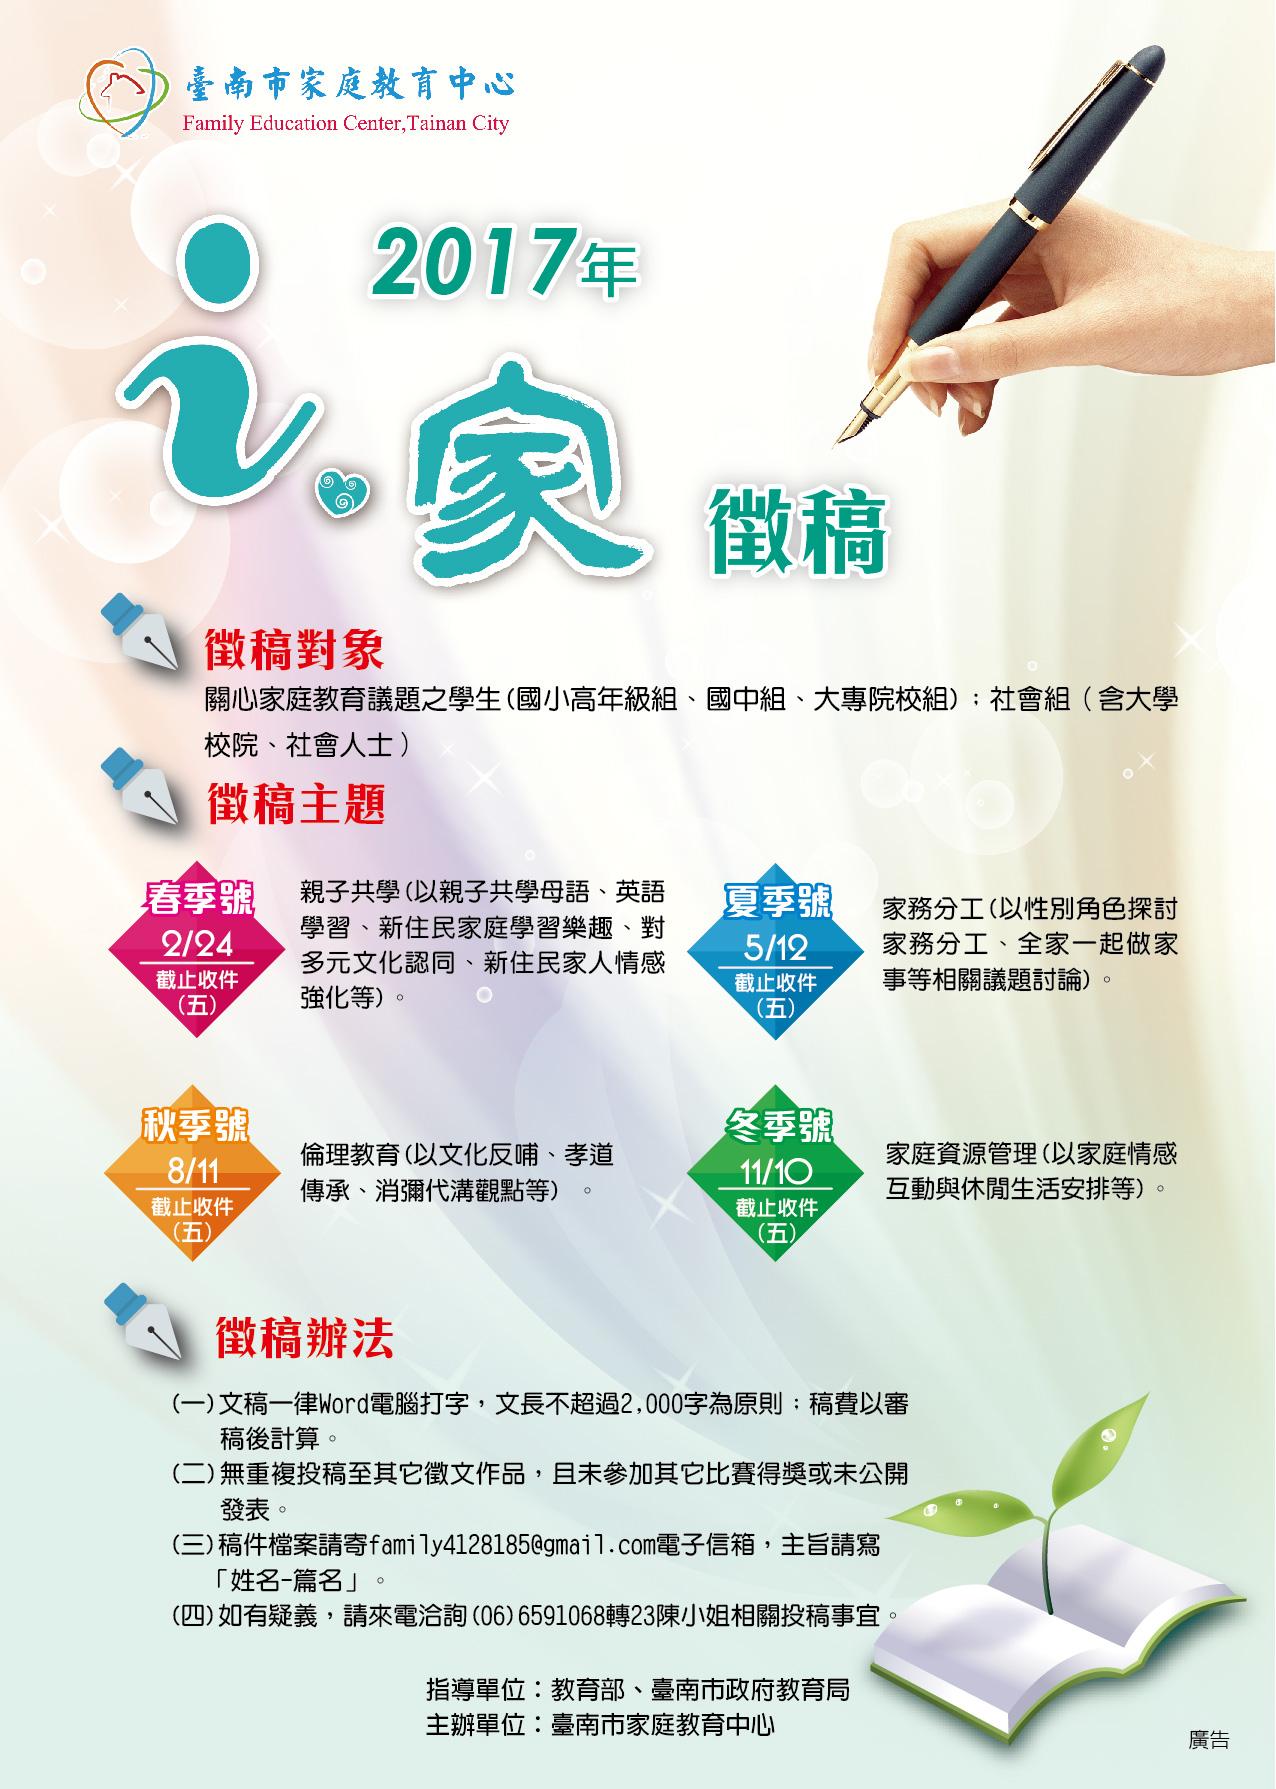 臺南市家庭教育中心季刊-『i‧家』徵稿